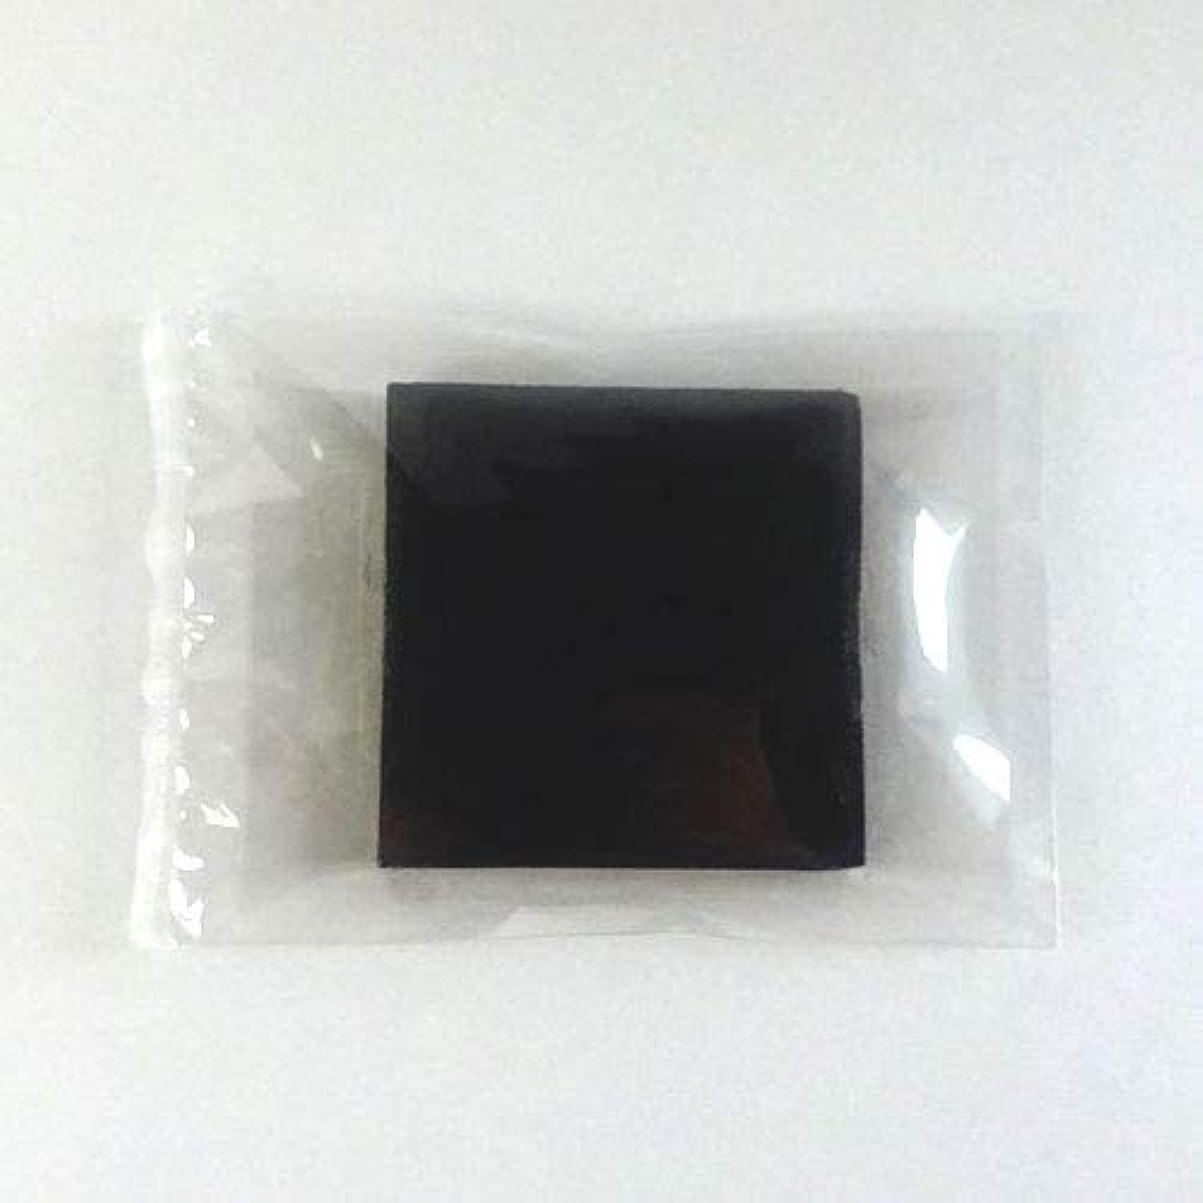 理論南方の不機嫌グリセリンソープ MPソープ 色チッププ 黒(ブラック) 60g (30g x 2pc)